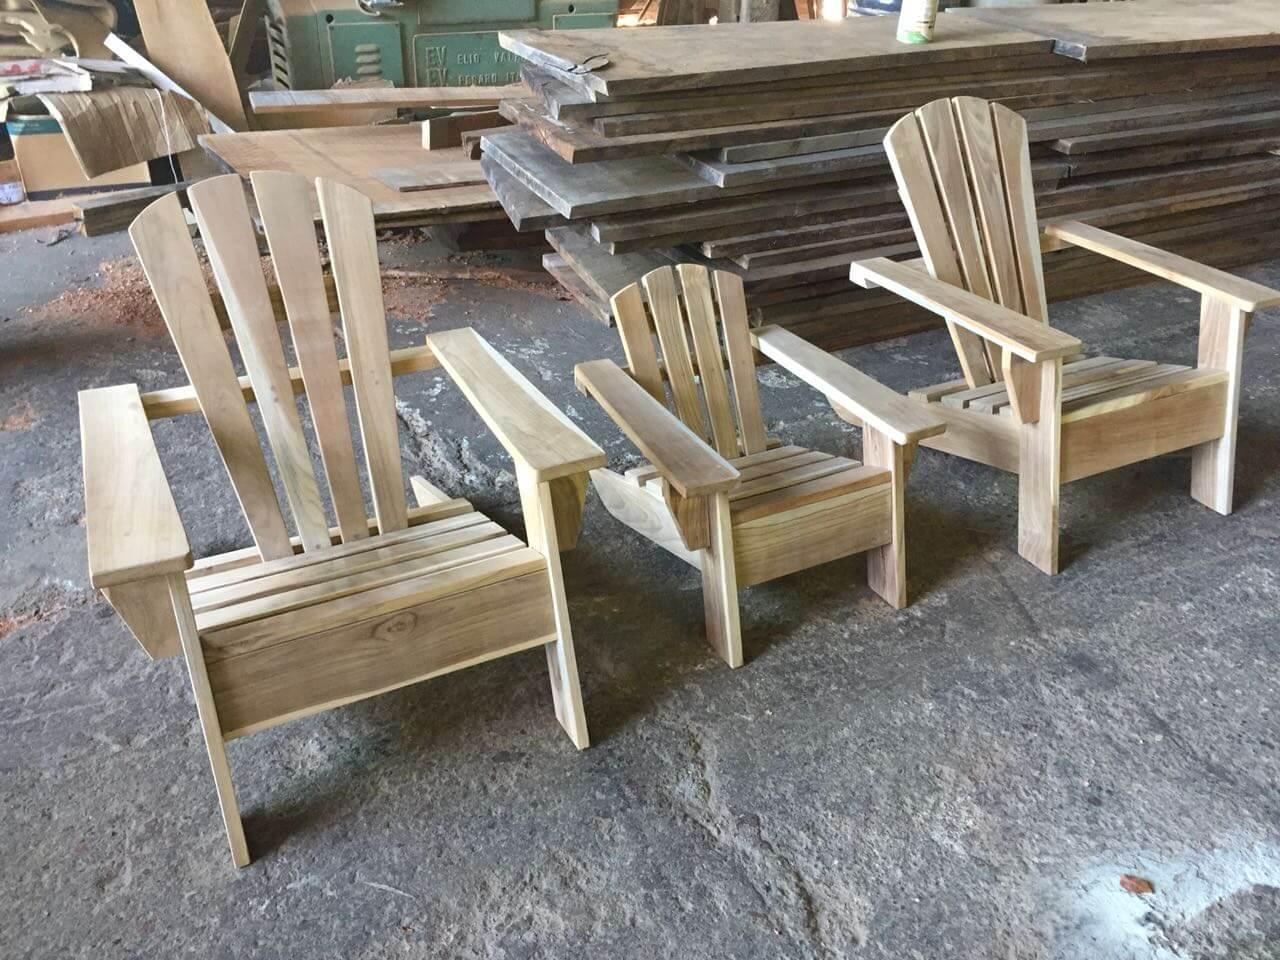 Mesas para exterior de madera fabulous mesa para exterior - Mesas de madera para exterior ...